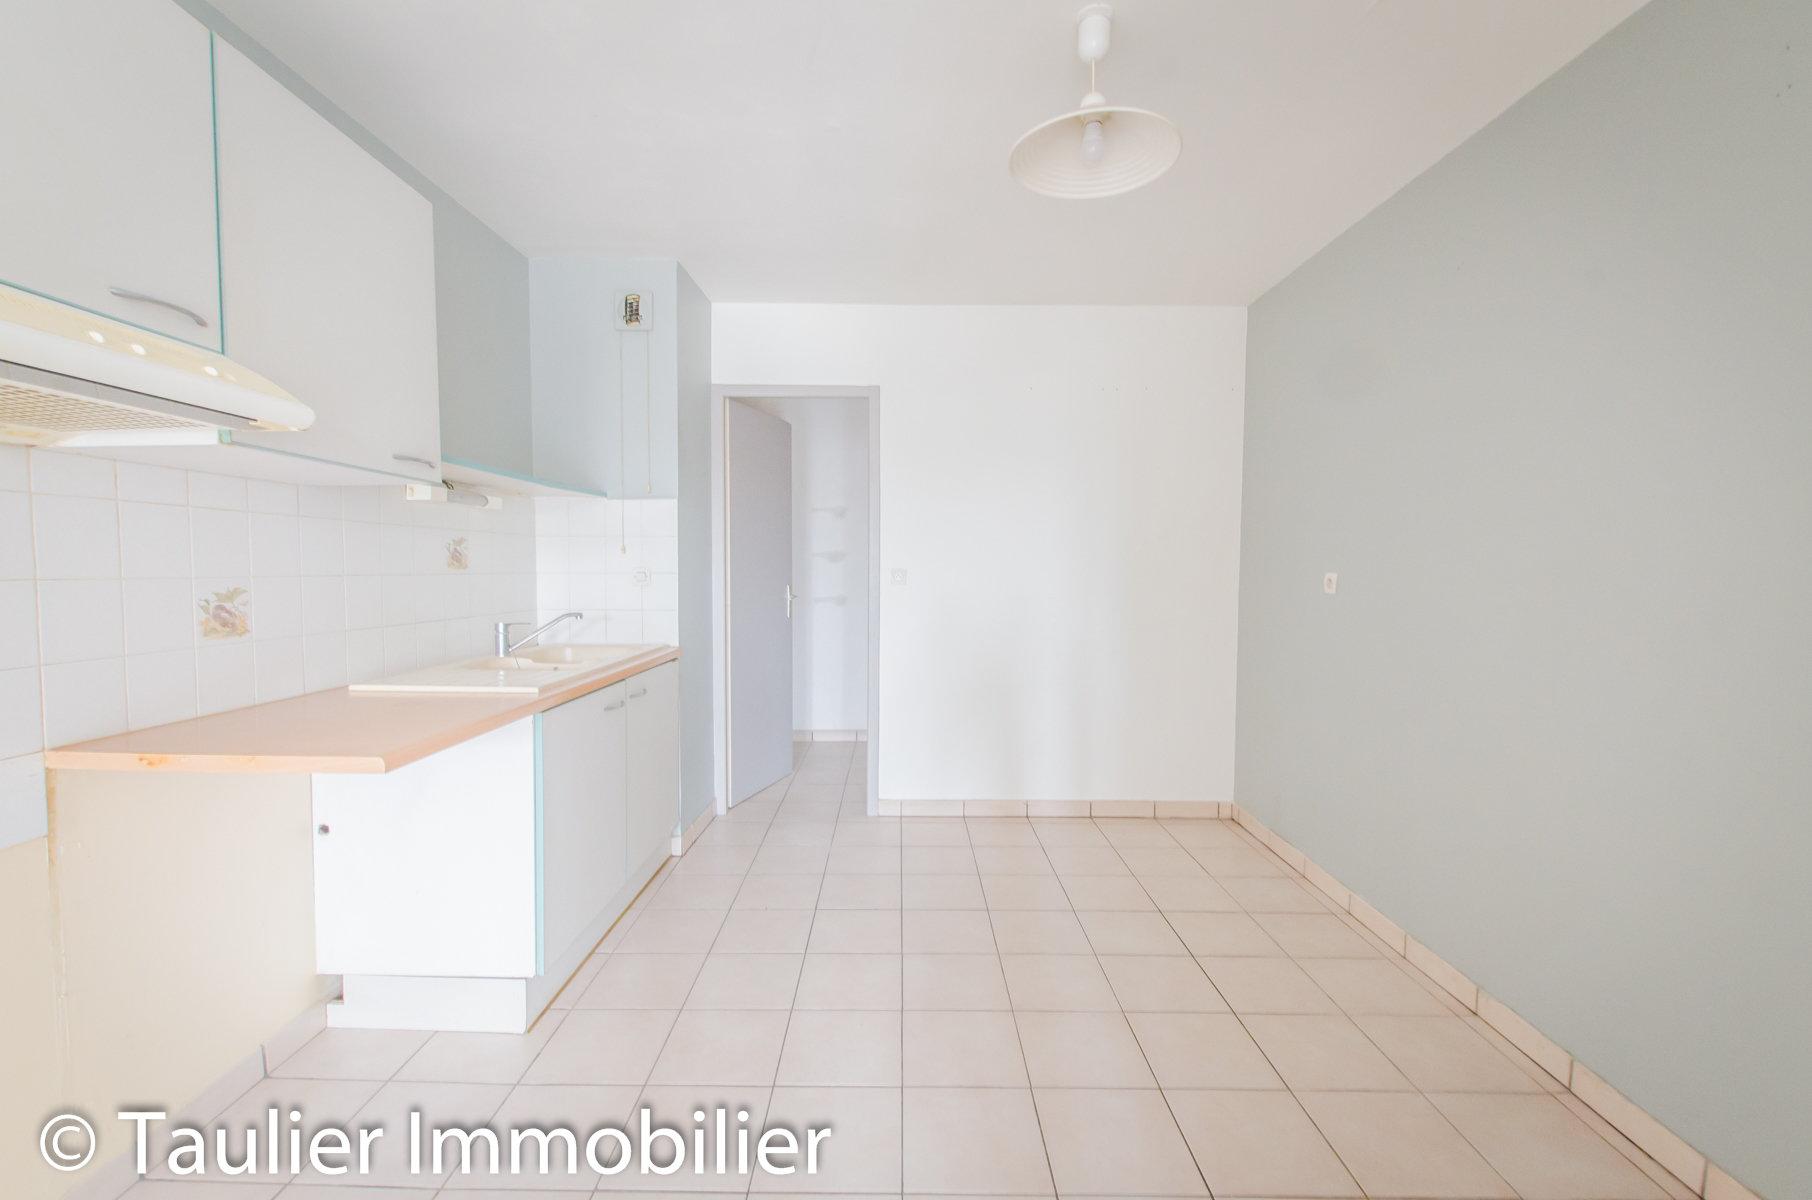 Appartement T4, 88m² avec parking, vendu loué